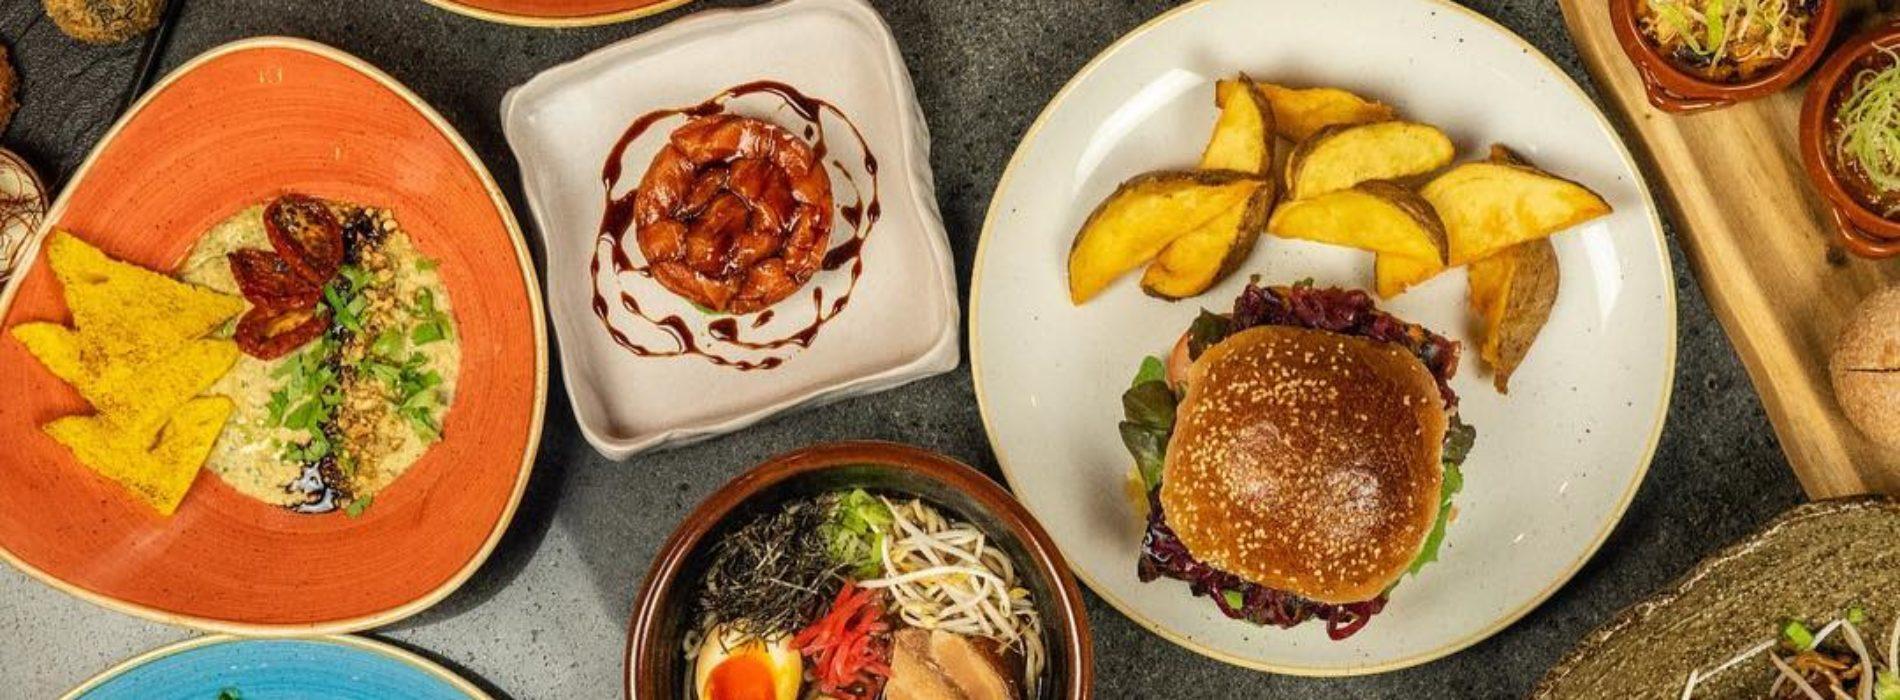 Brunch Roma gennaio 2019, i migliori ristoranti per il weekend